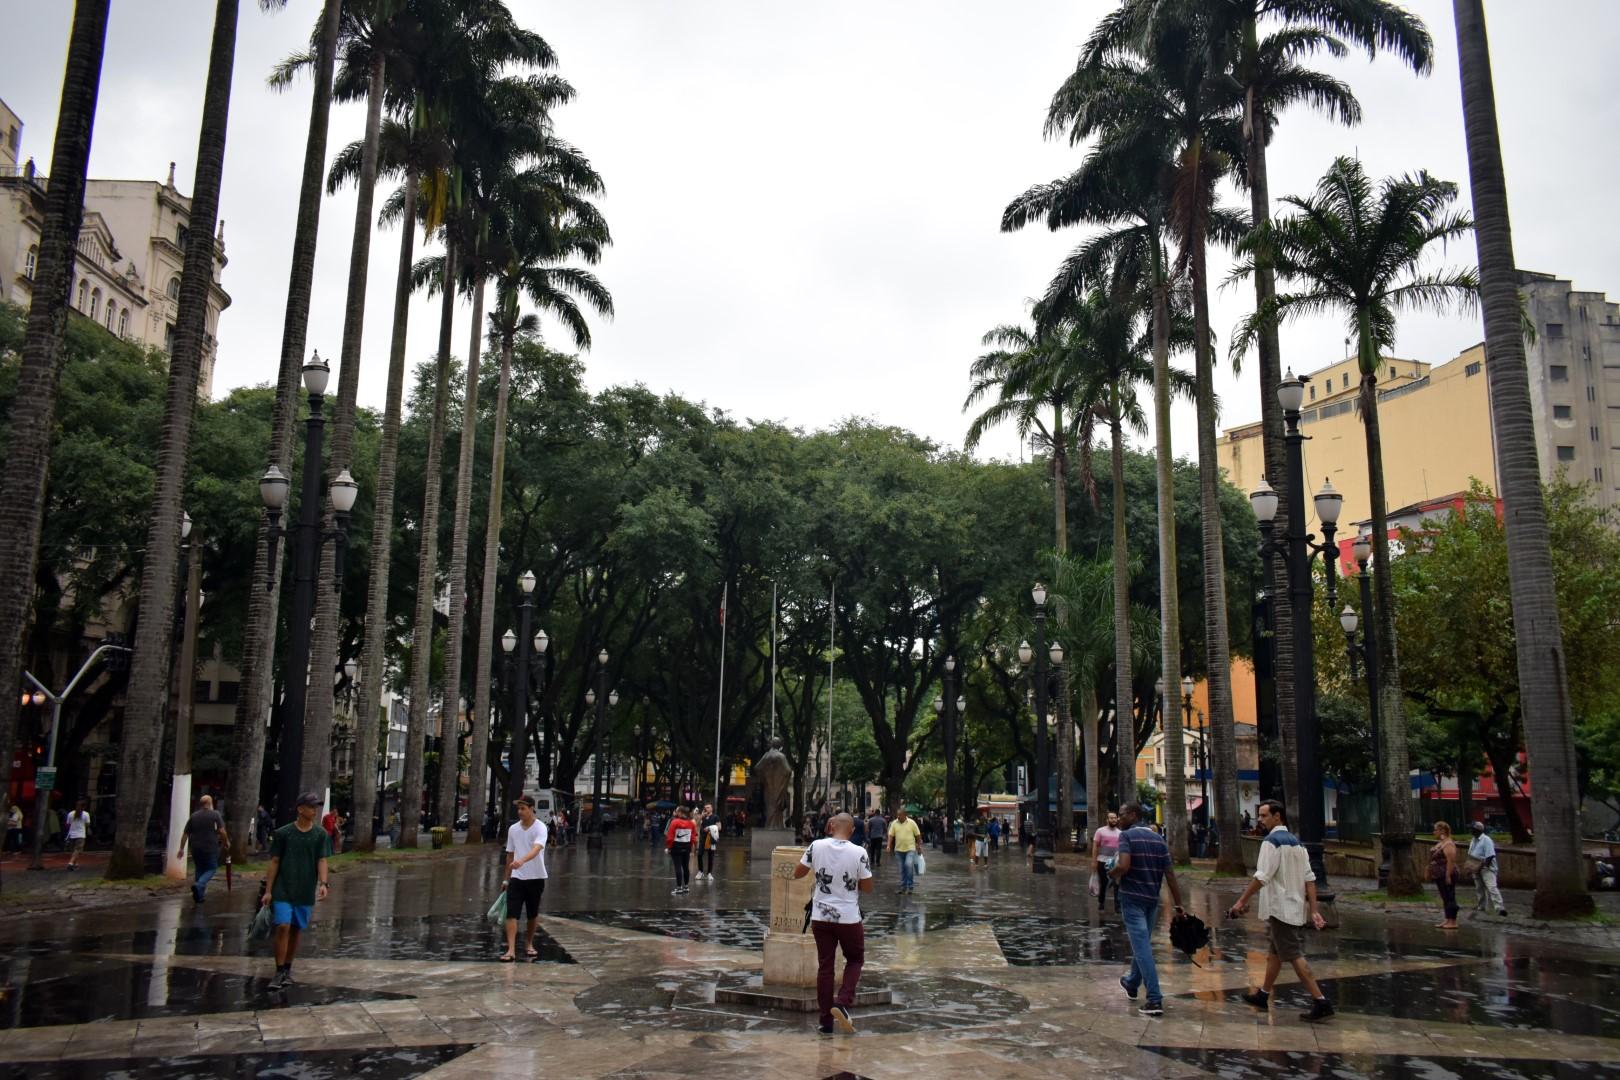 Praça da Sé - Sé, São Paulo